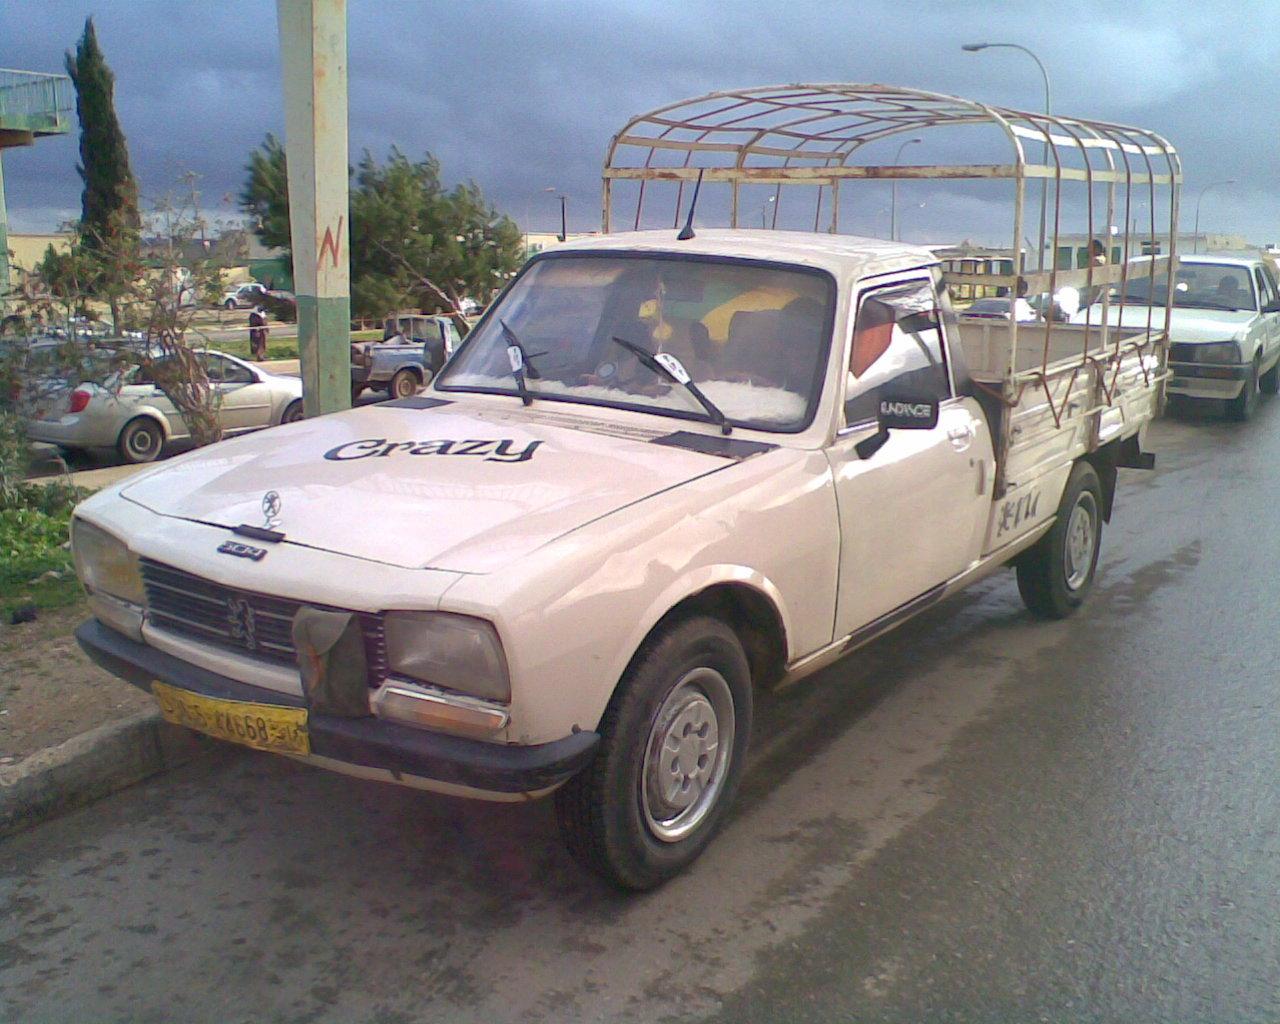 Peugeot_504_truck.jpg